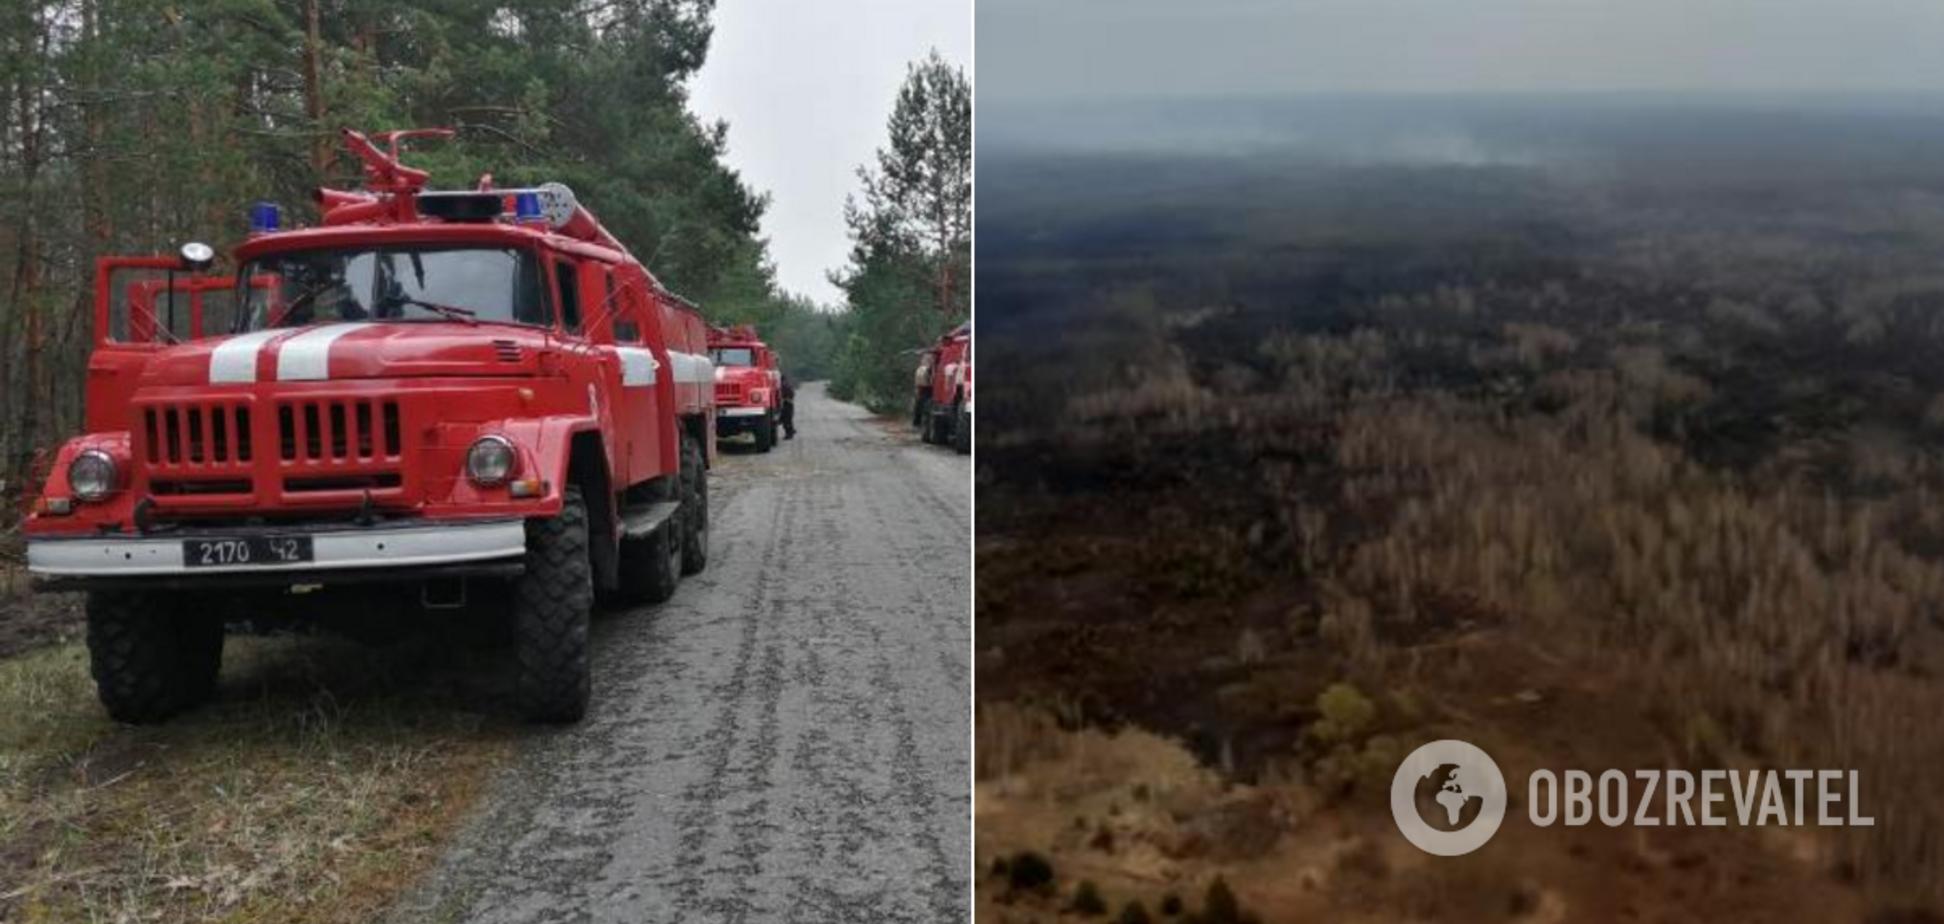 Ліквідація масштабної пожежі в Чорнобильській зоні: з'явилося вражаюче відео